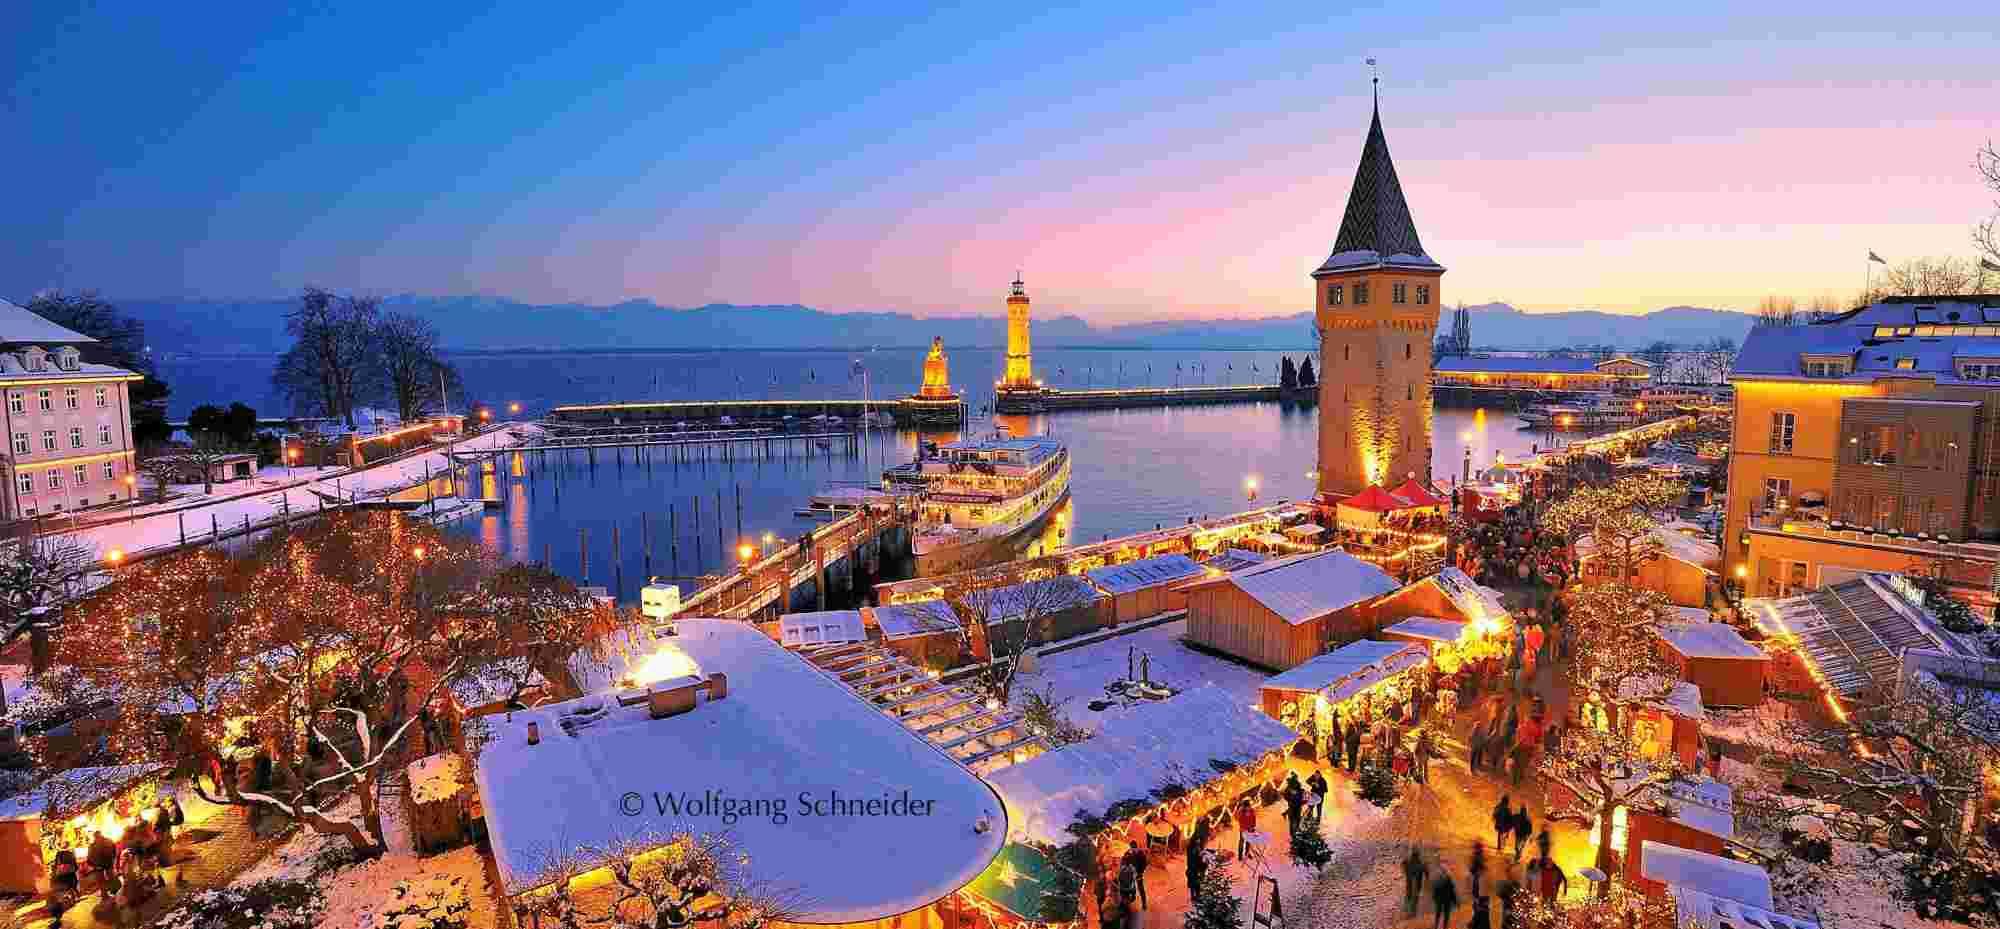 Weihnachstmarkt in Lindau